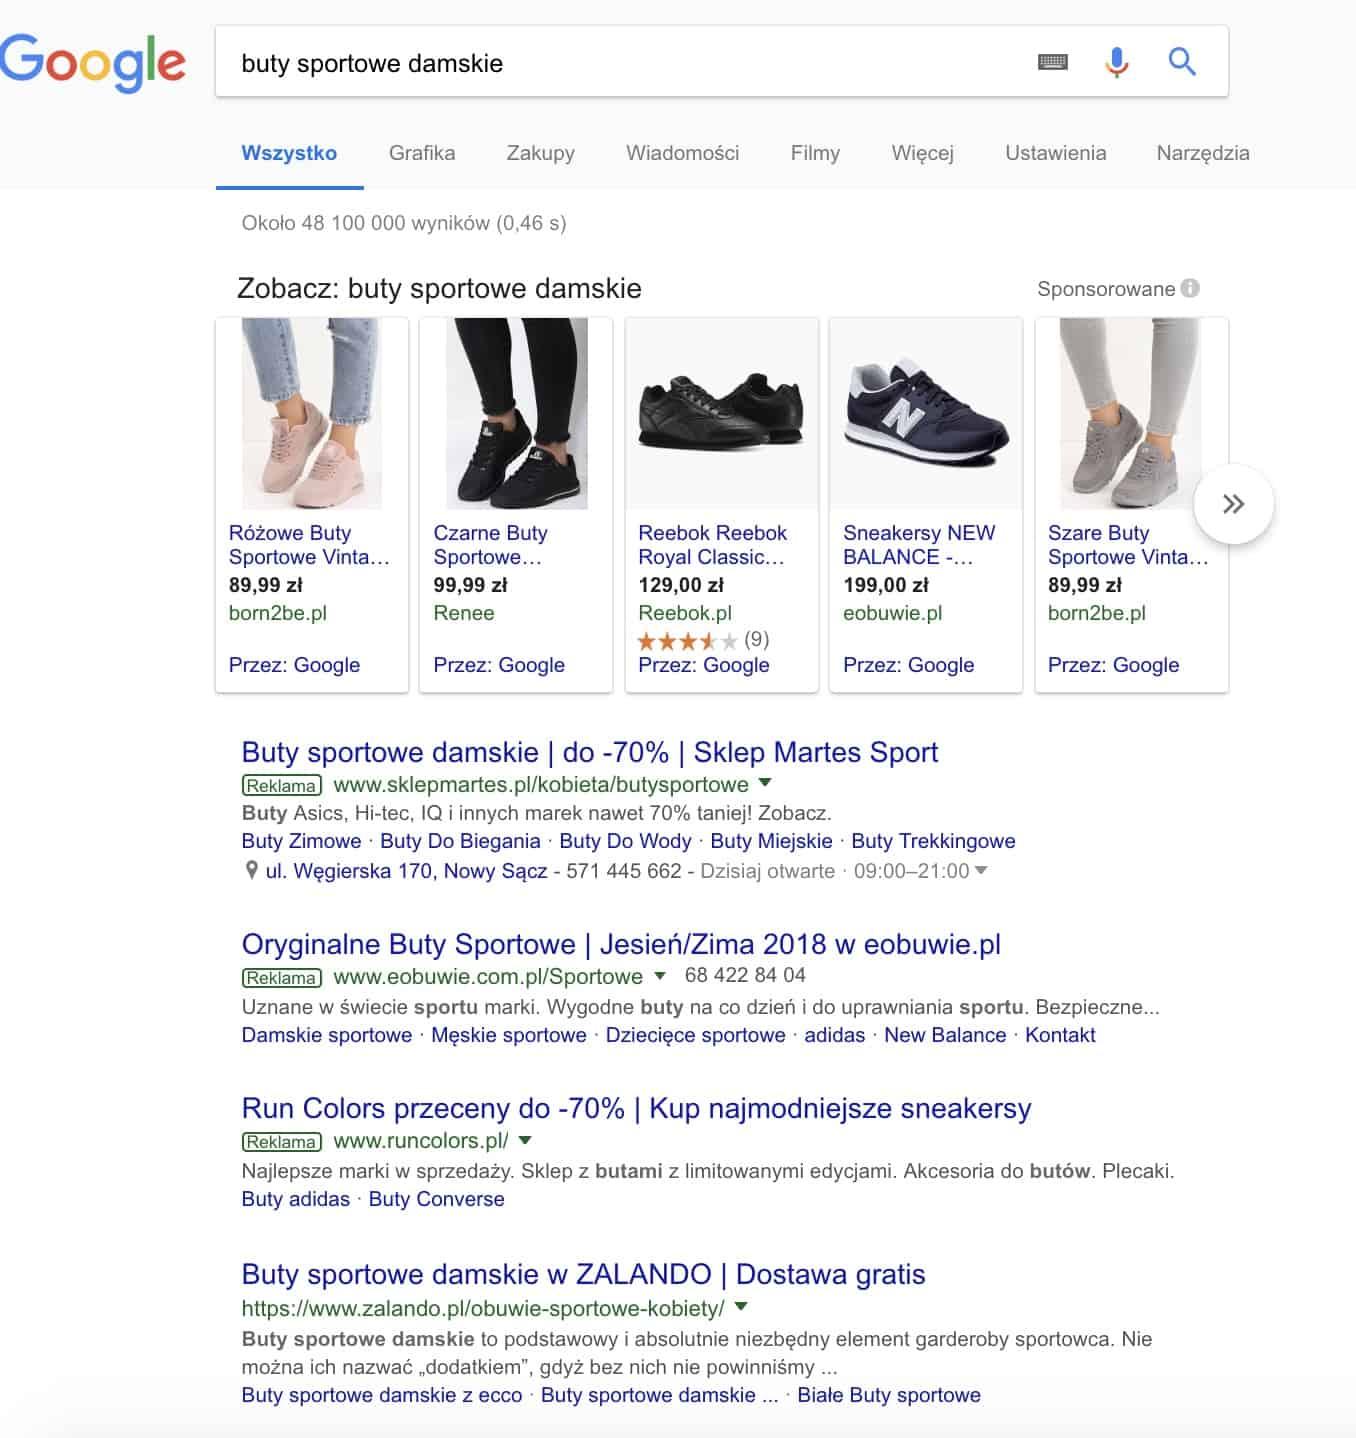 Wyniki wyszukiwania Google dla buty sportowe damskie